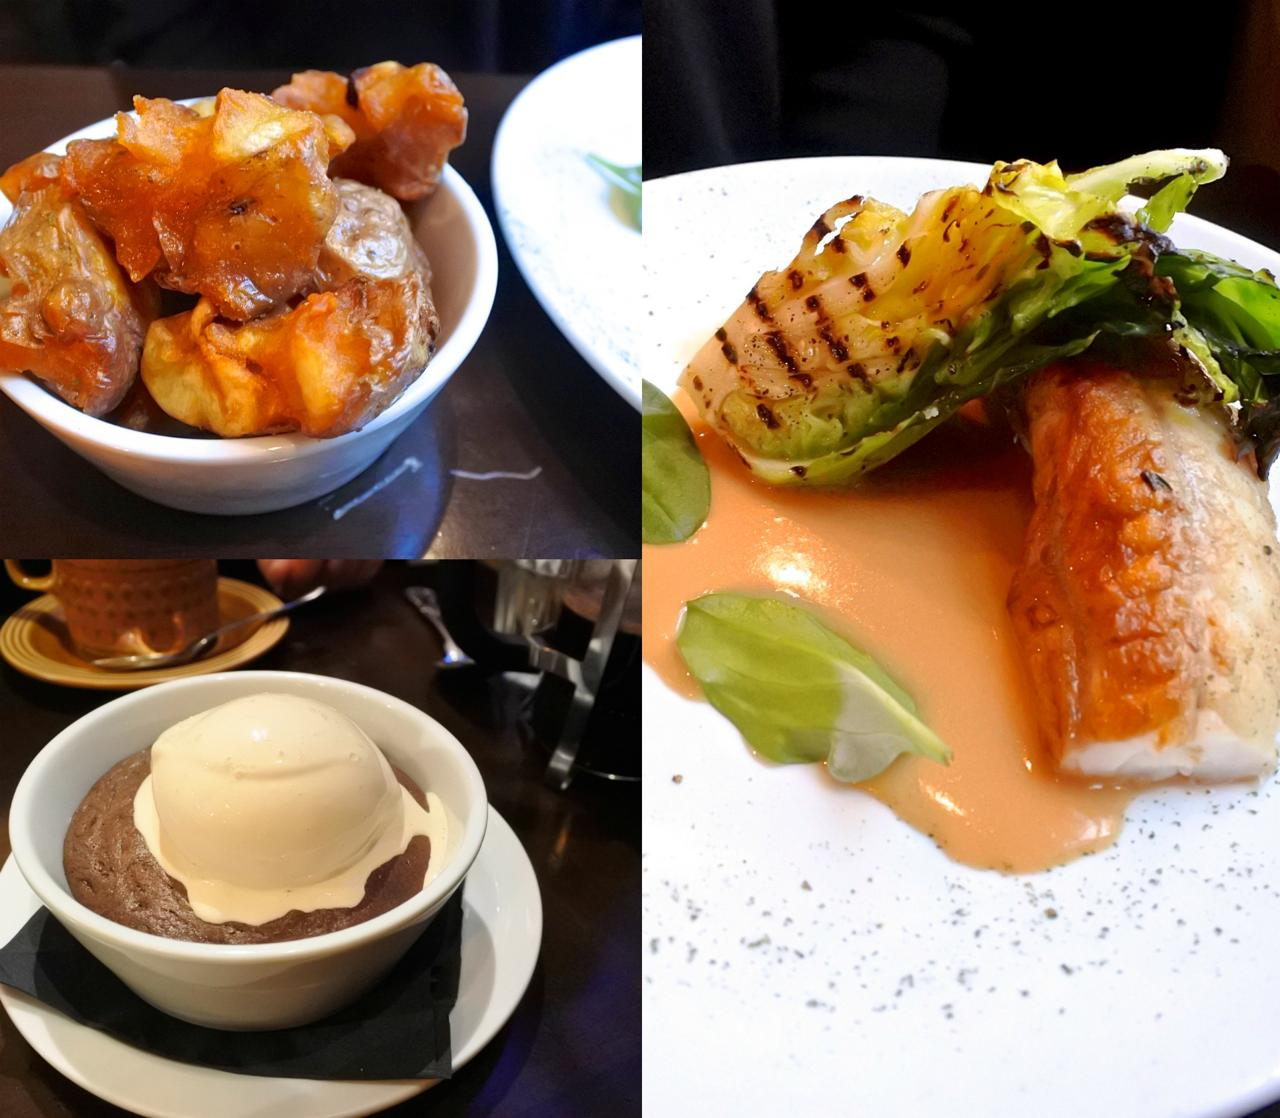 モンクフィッシュは焼き具合が少しドライだったかも。左上がピンク・ファー・アップルという品種のポテトをパリパリに揚げたサイドです